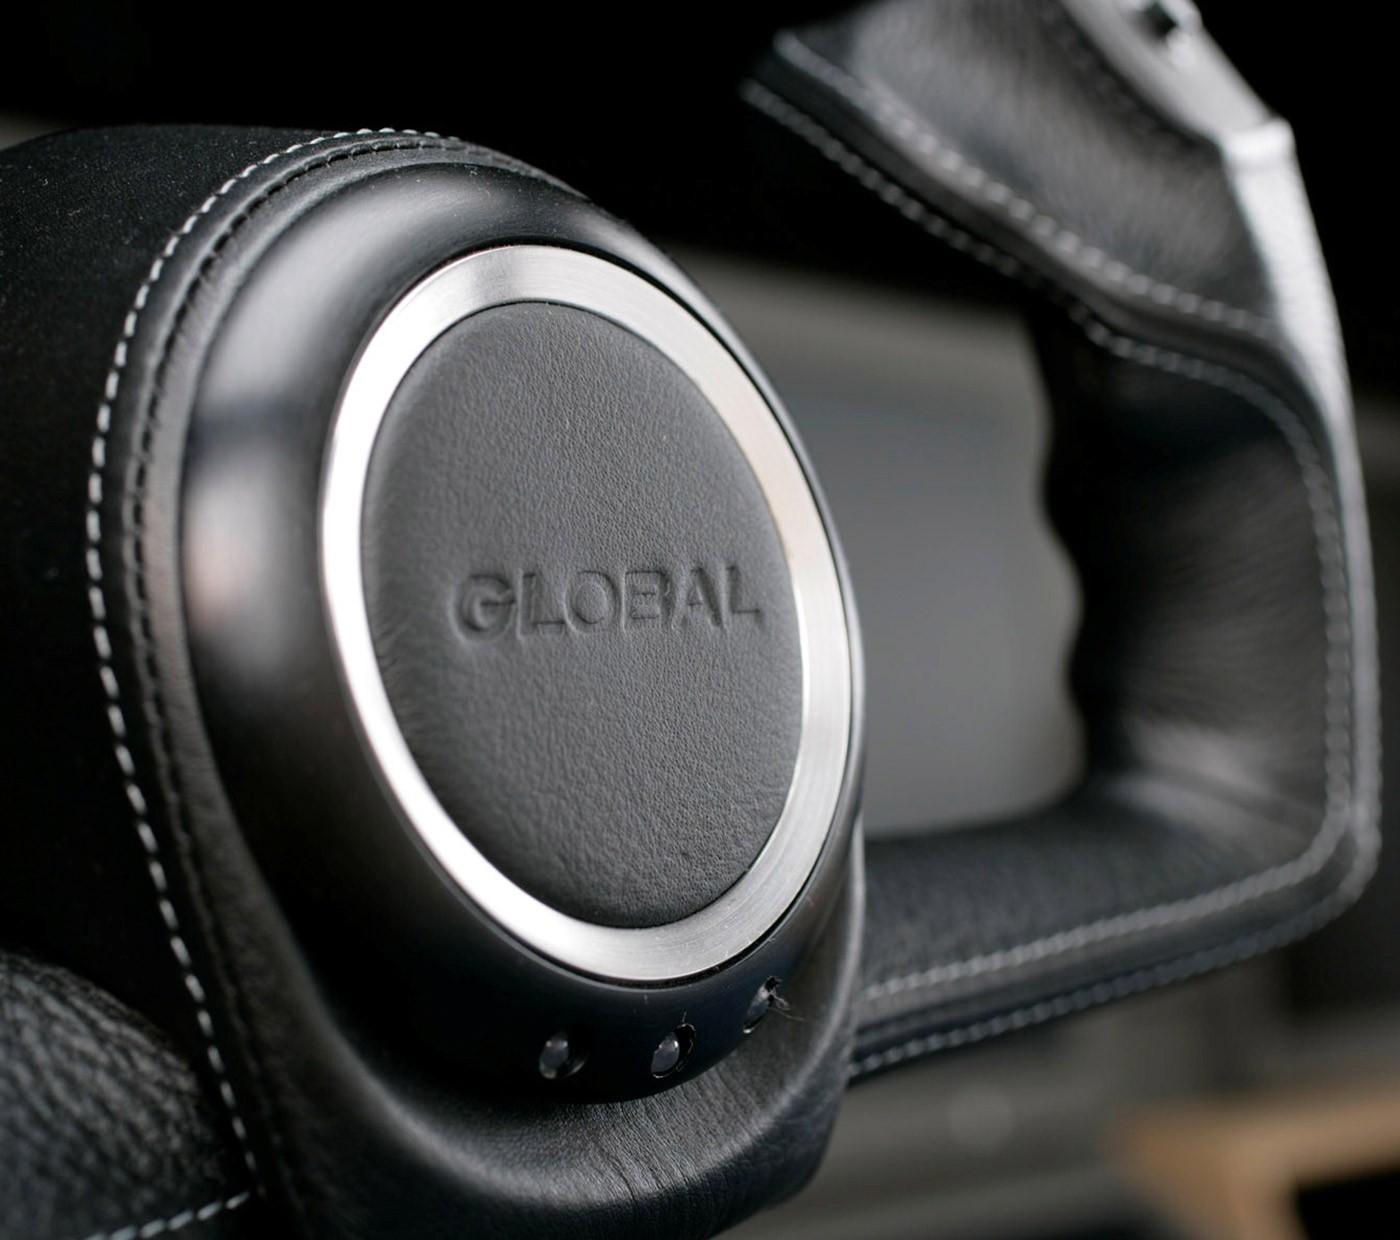 Global 5000 Fly effortlessly